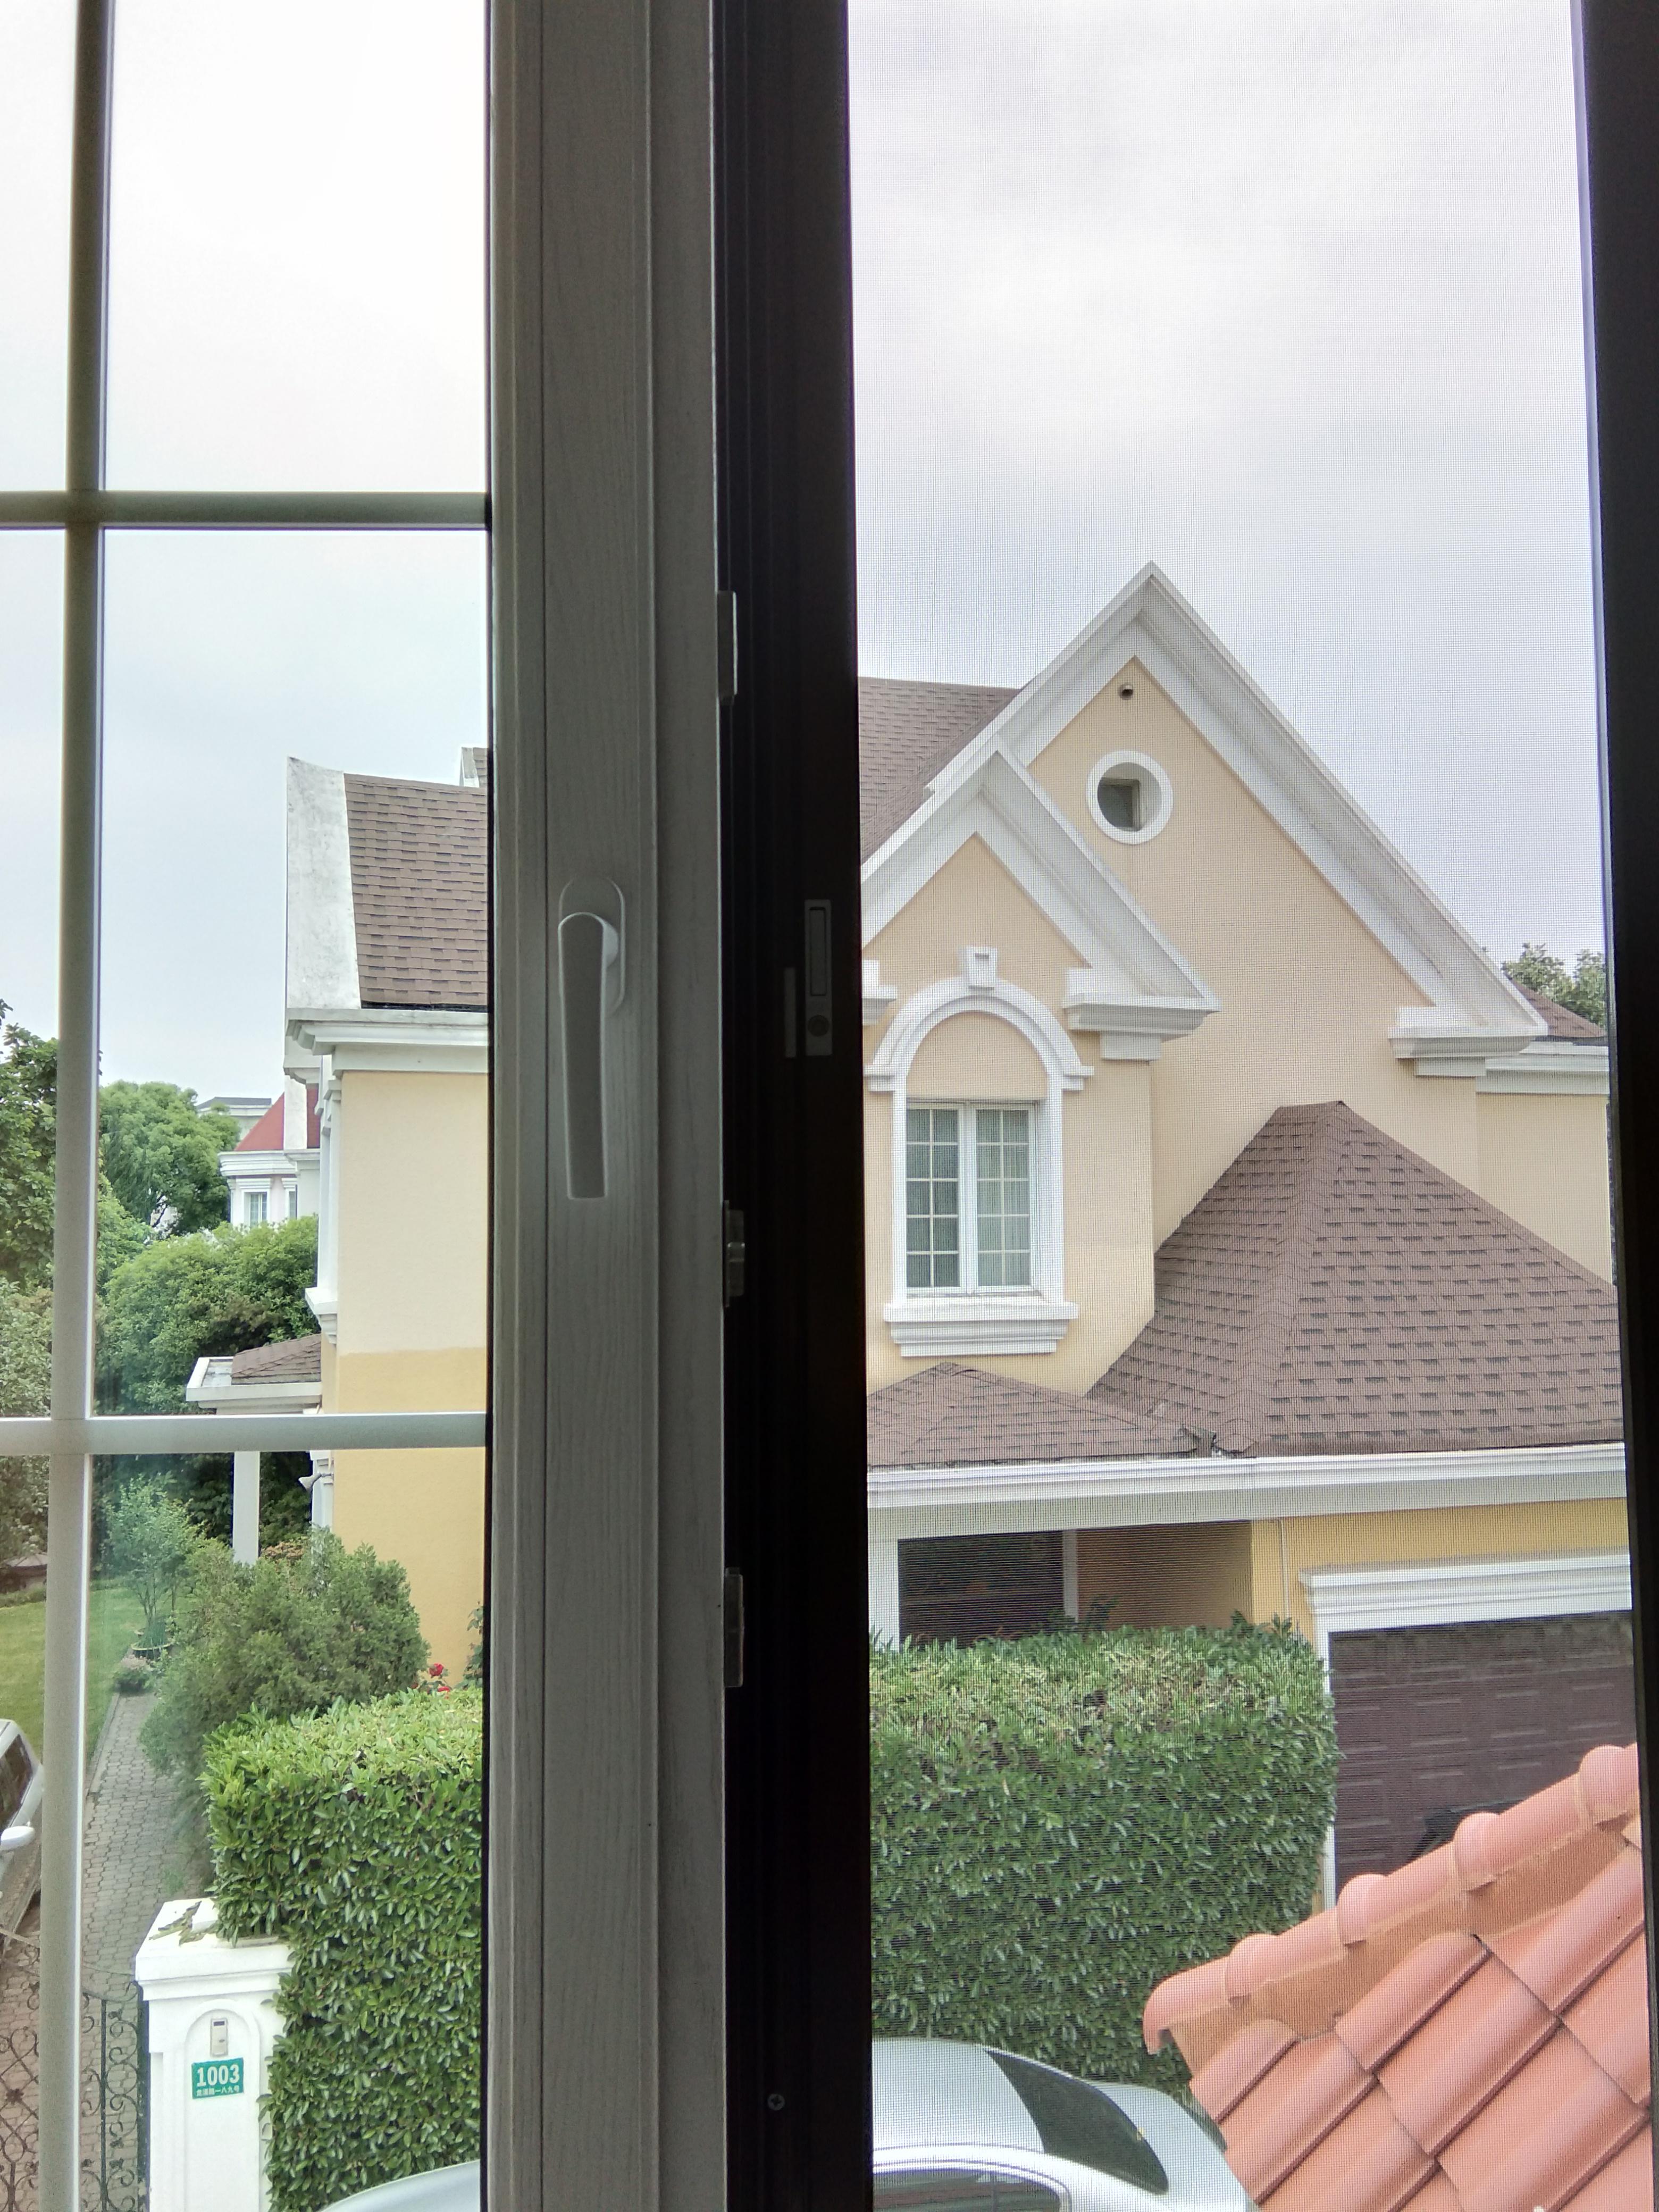 传统纱窗的更替,新一代不锈钢纱窗的普及,再到儿童防护纱窗问世(图2)